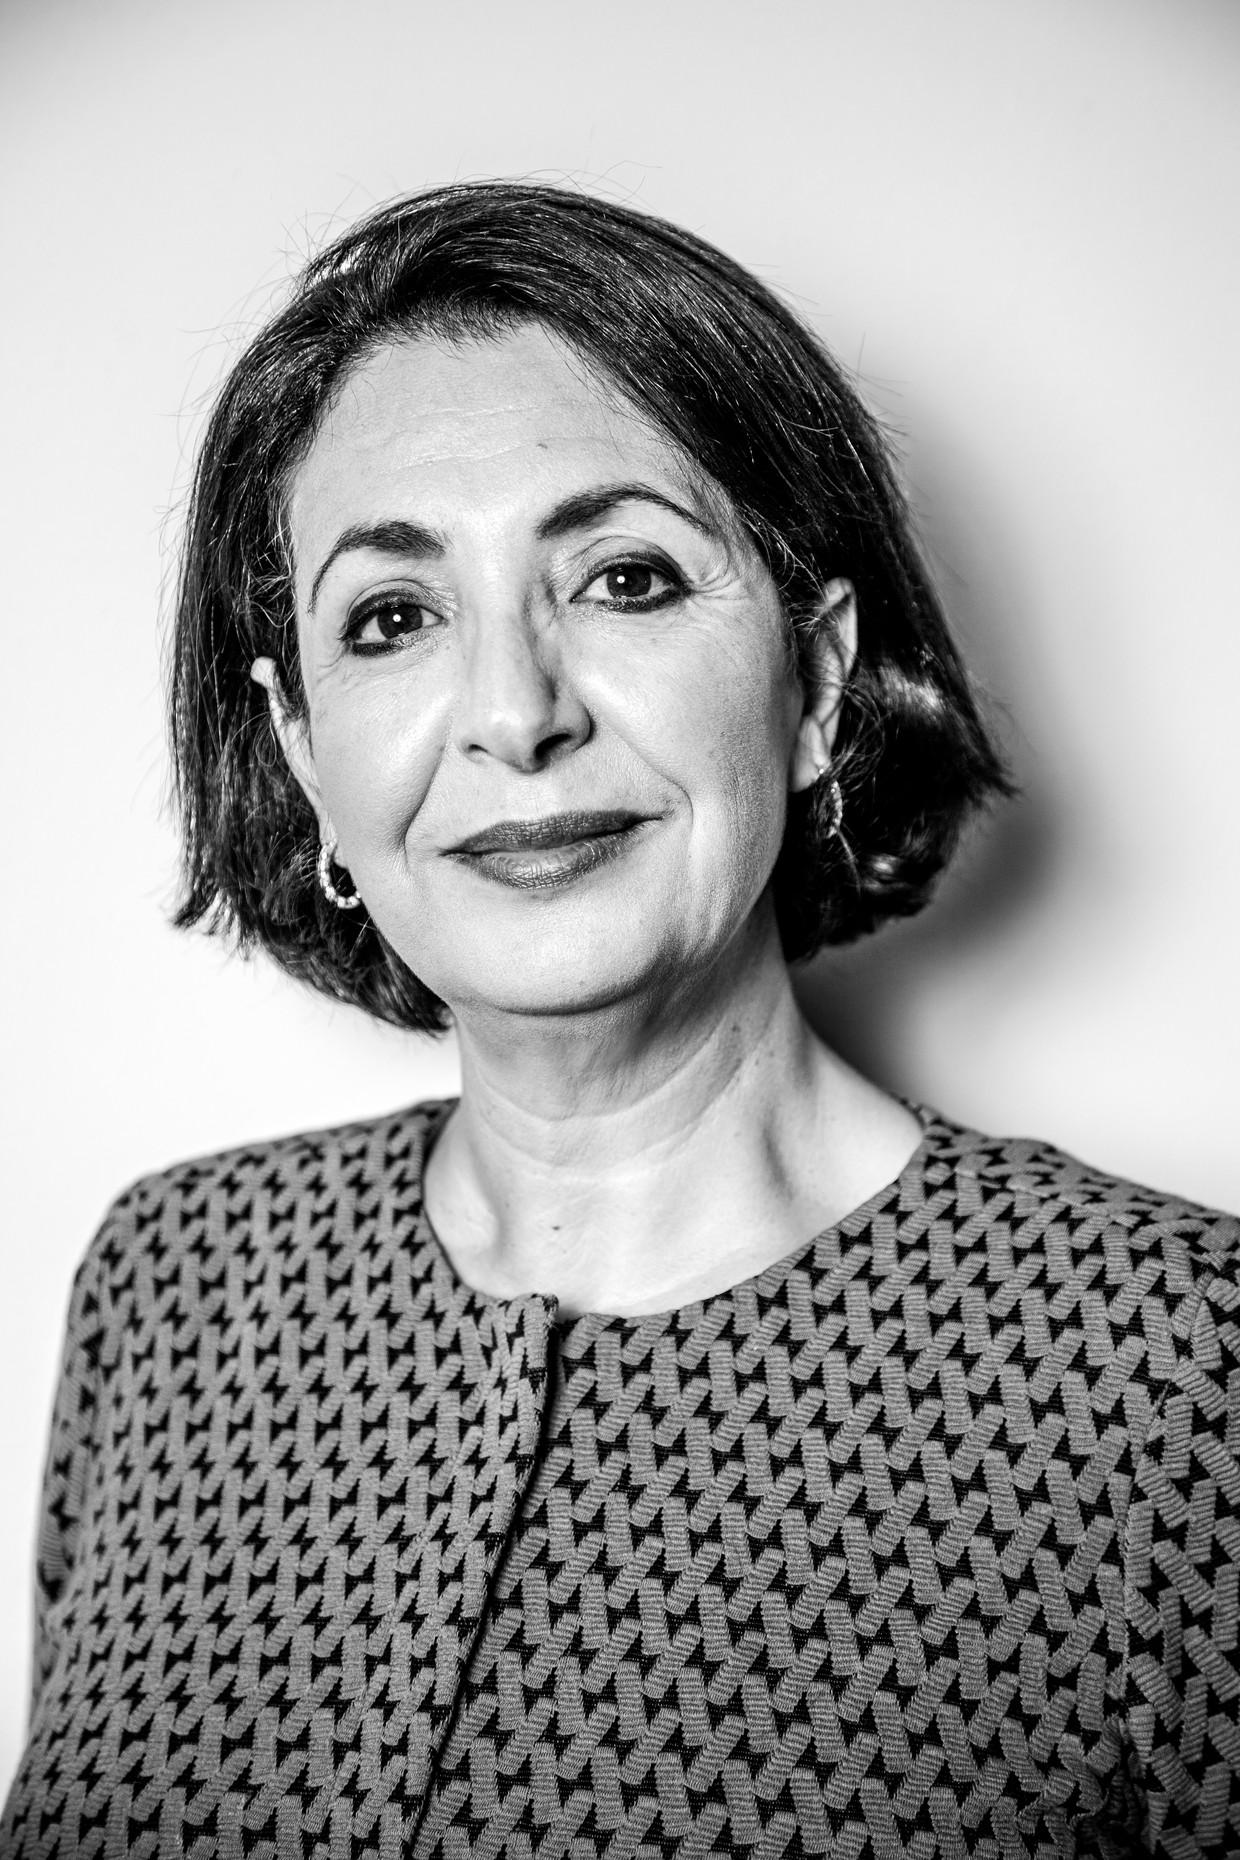 Khadija Arib: 'Ik heb geprobeerd om wat op mijn pad kwam zo goed mogelijk te doen.' Beeld Ernst Coppejans